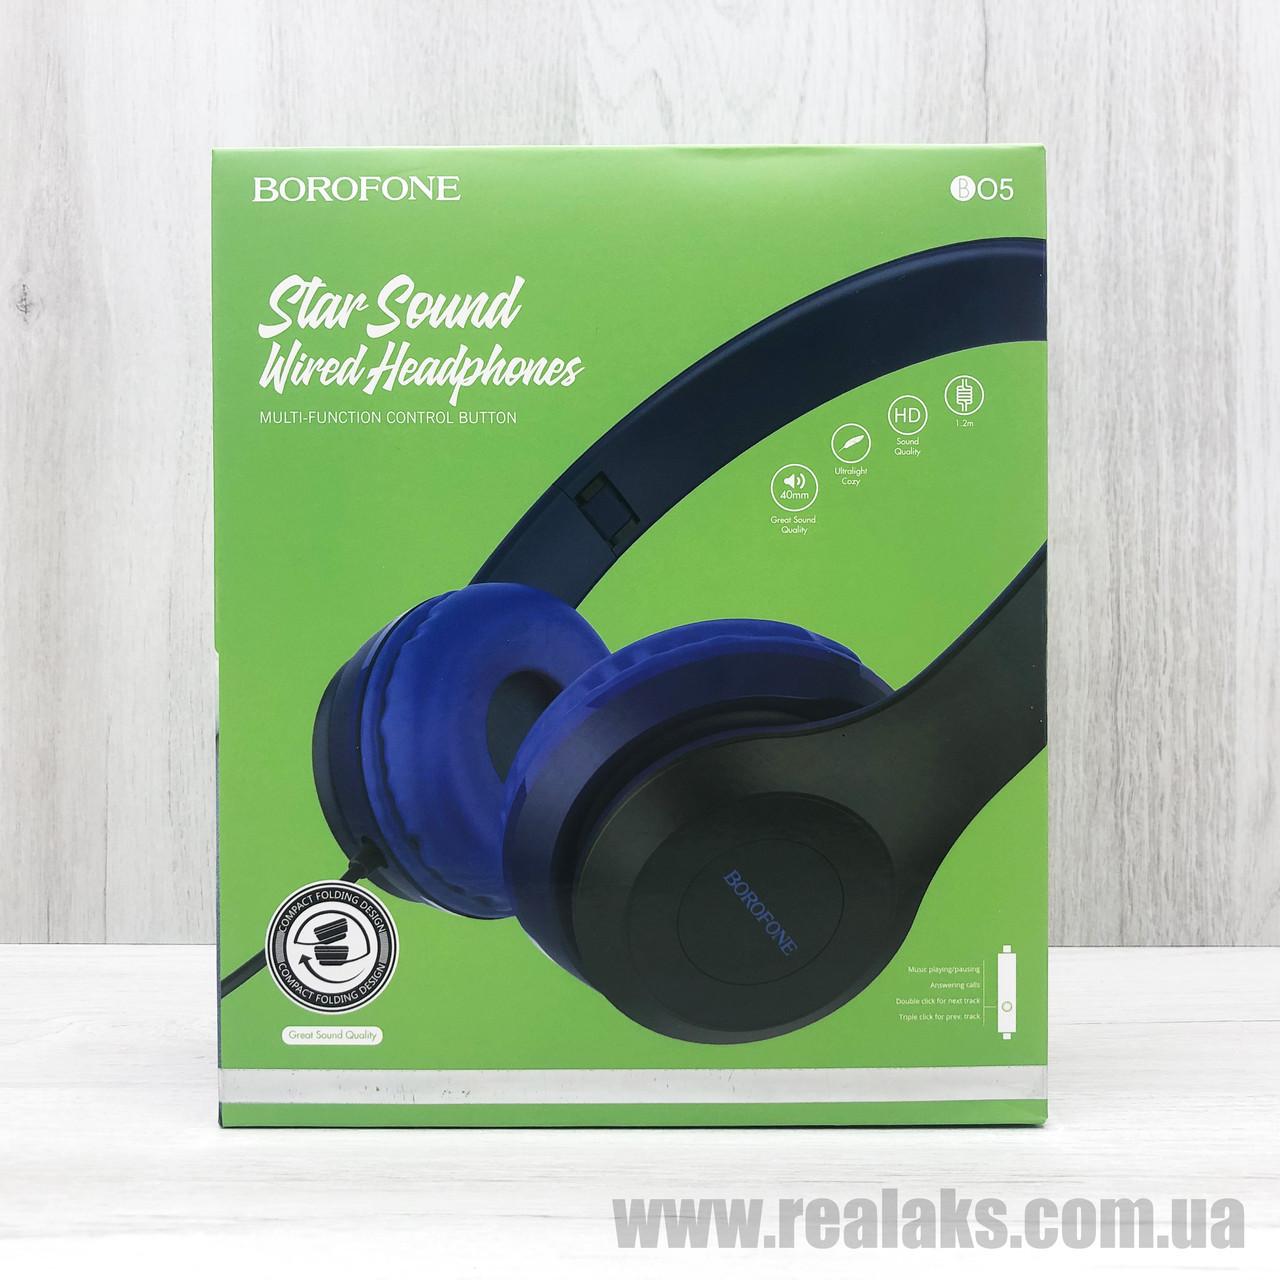 Наушники проводные BOROFONE B05 (Blue)